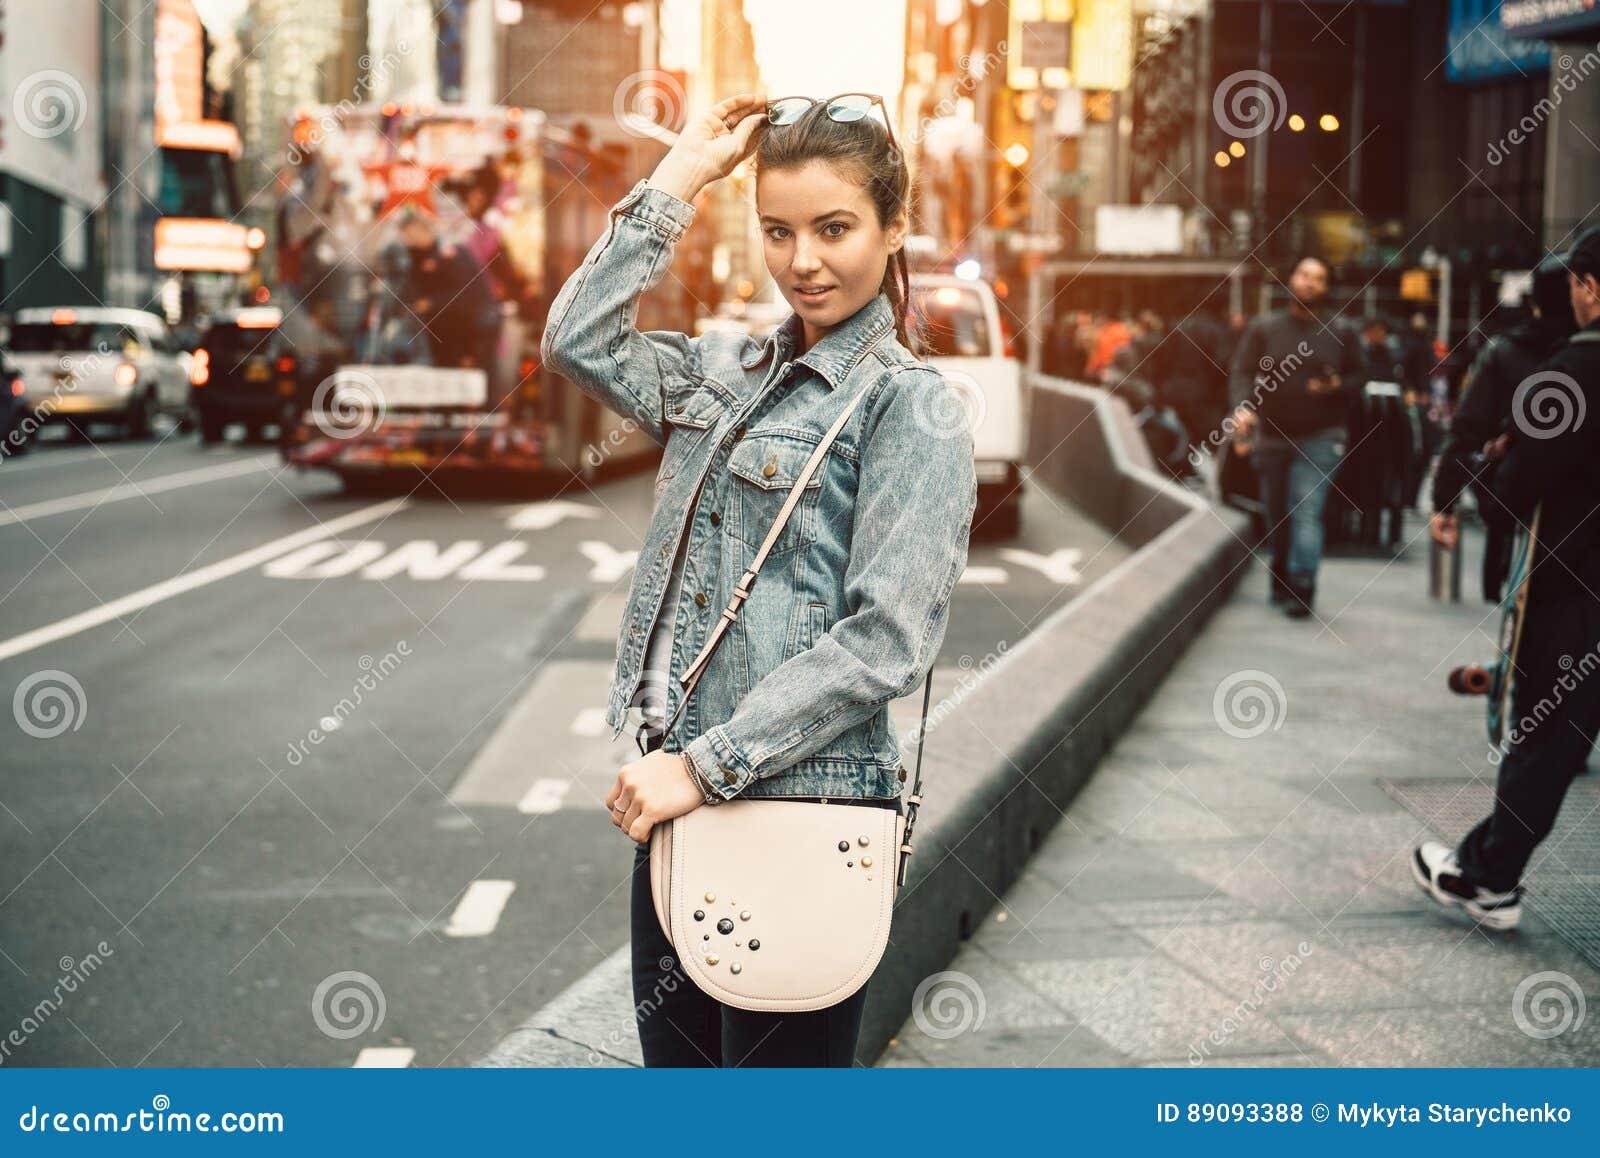 看照相机的愉快的年轻旅游妇女生活方式照片拿着袋子钱包和太阳镜在晴朗的繁忙的城市街道上